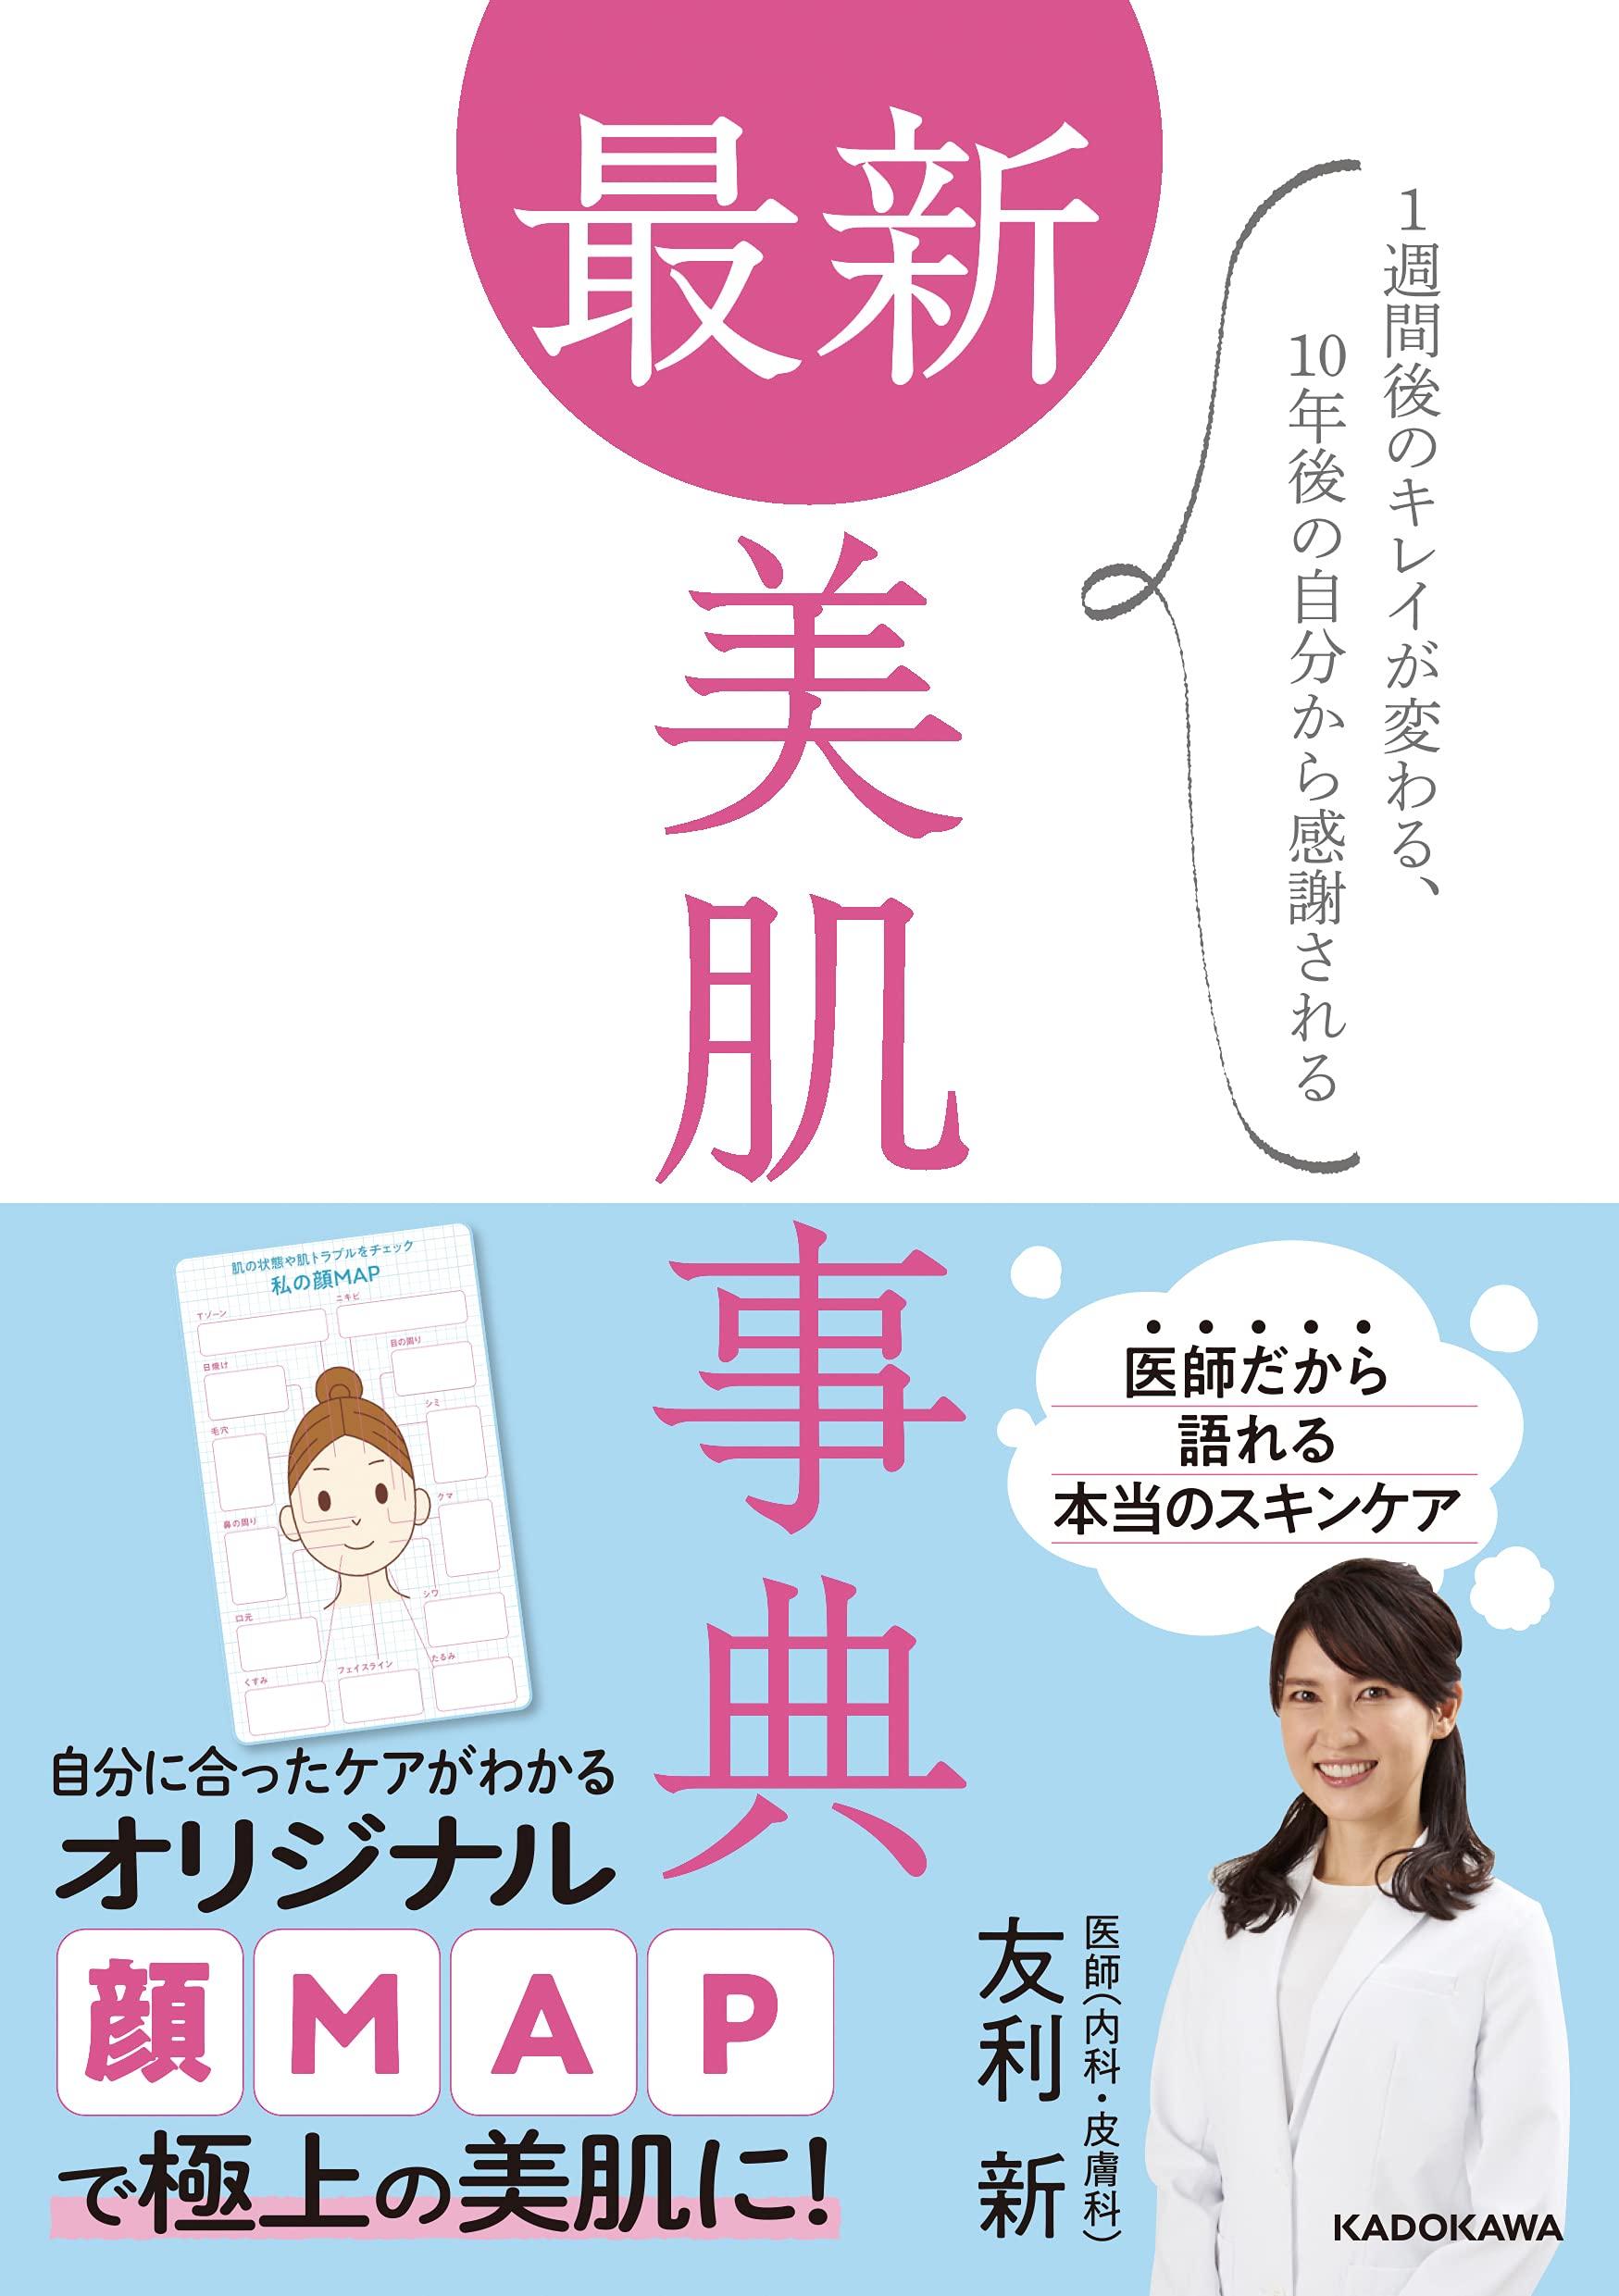 1週間後のキレイに 10年後の自分から感謝される肌に 友利新氏の新刊